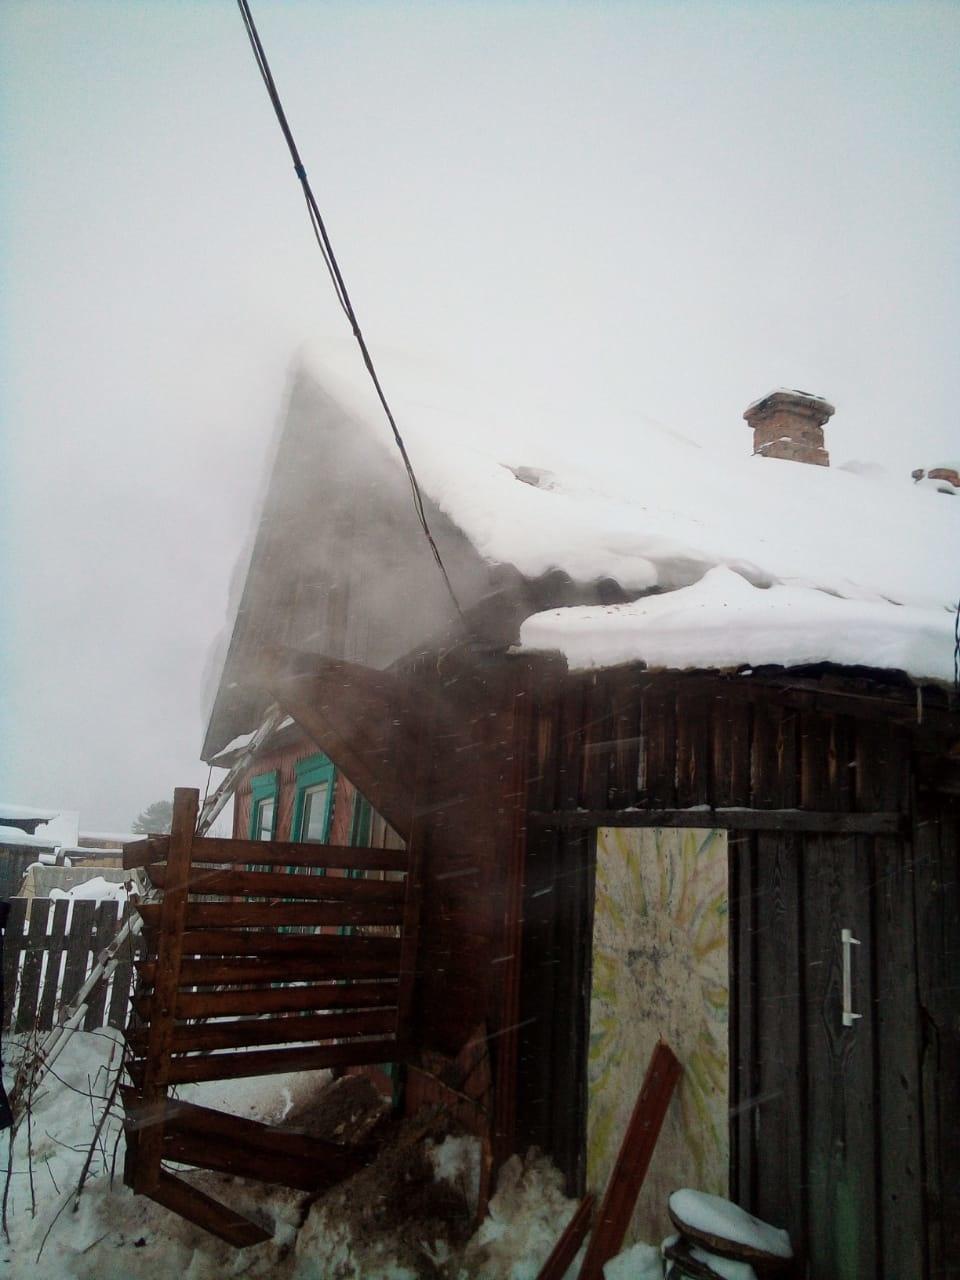 Пожарно-спасательные подразделения ликвидировали пожар в Уржумском районе